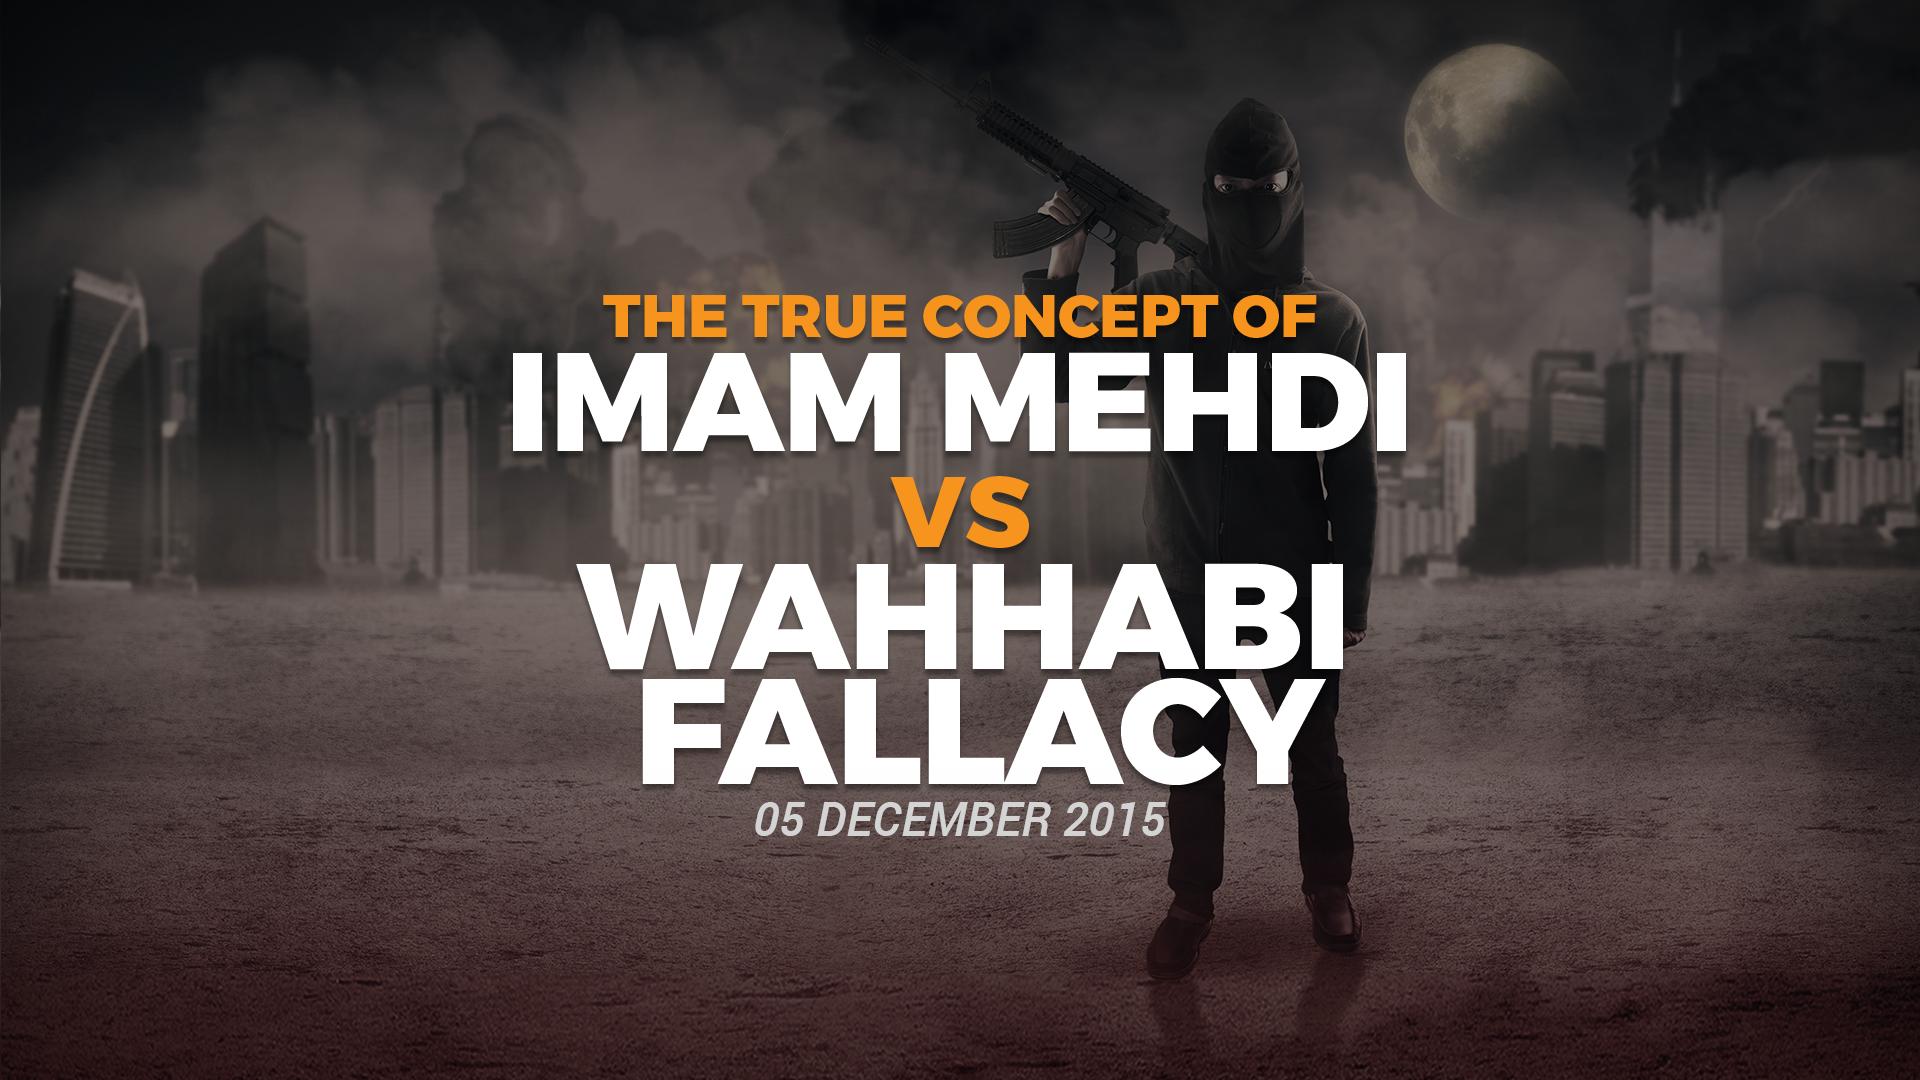 imam-mehdi-wahhabi-fallacy